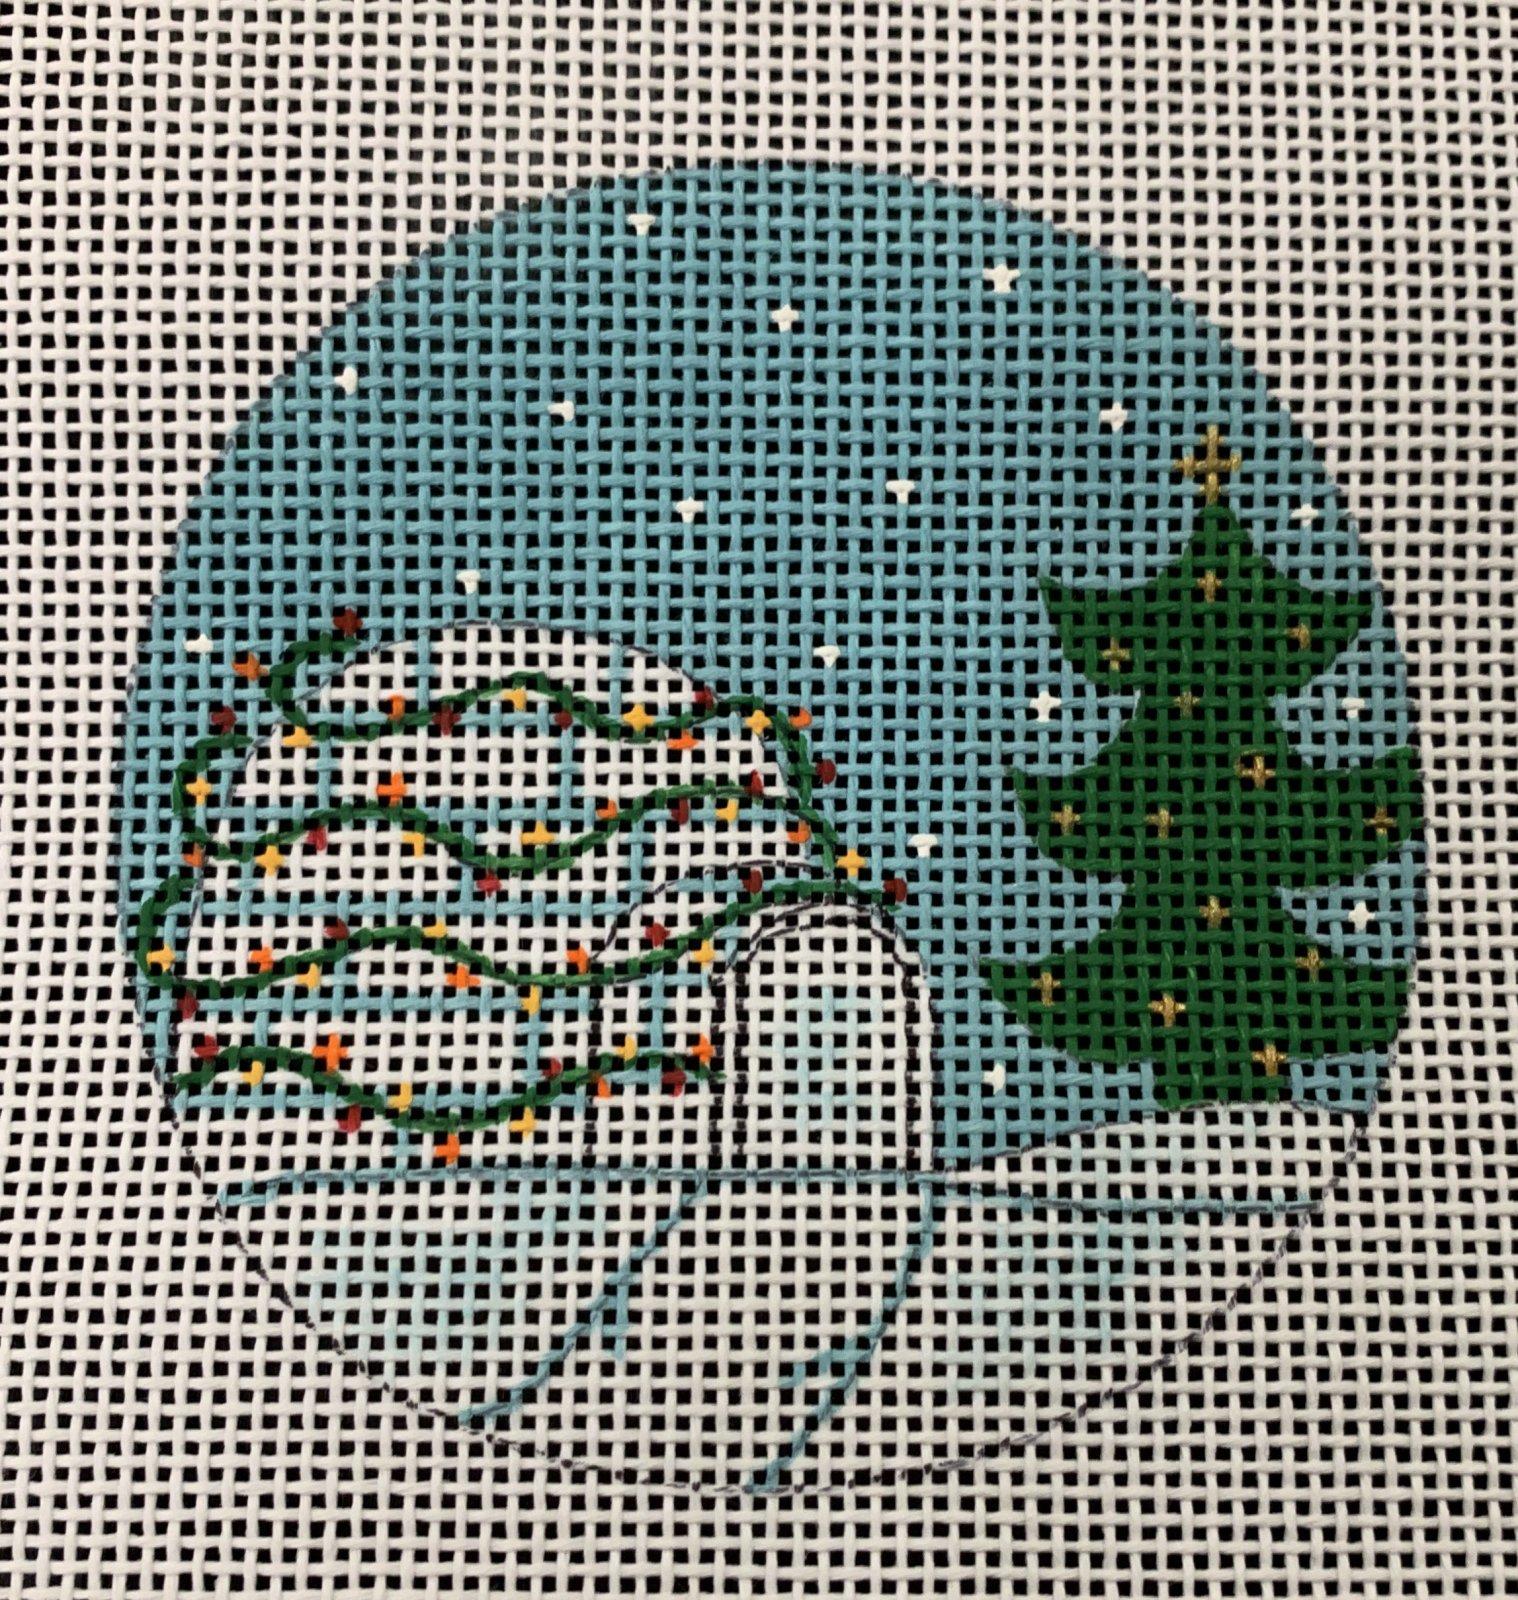 Christmas Igloo Ornament